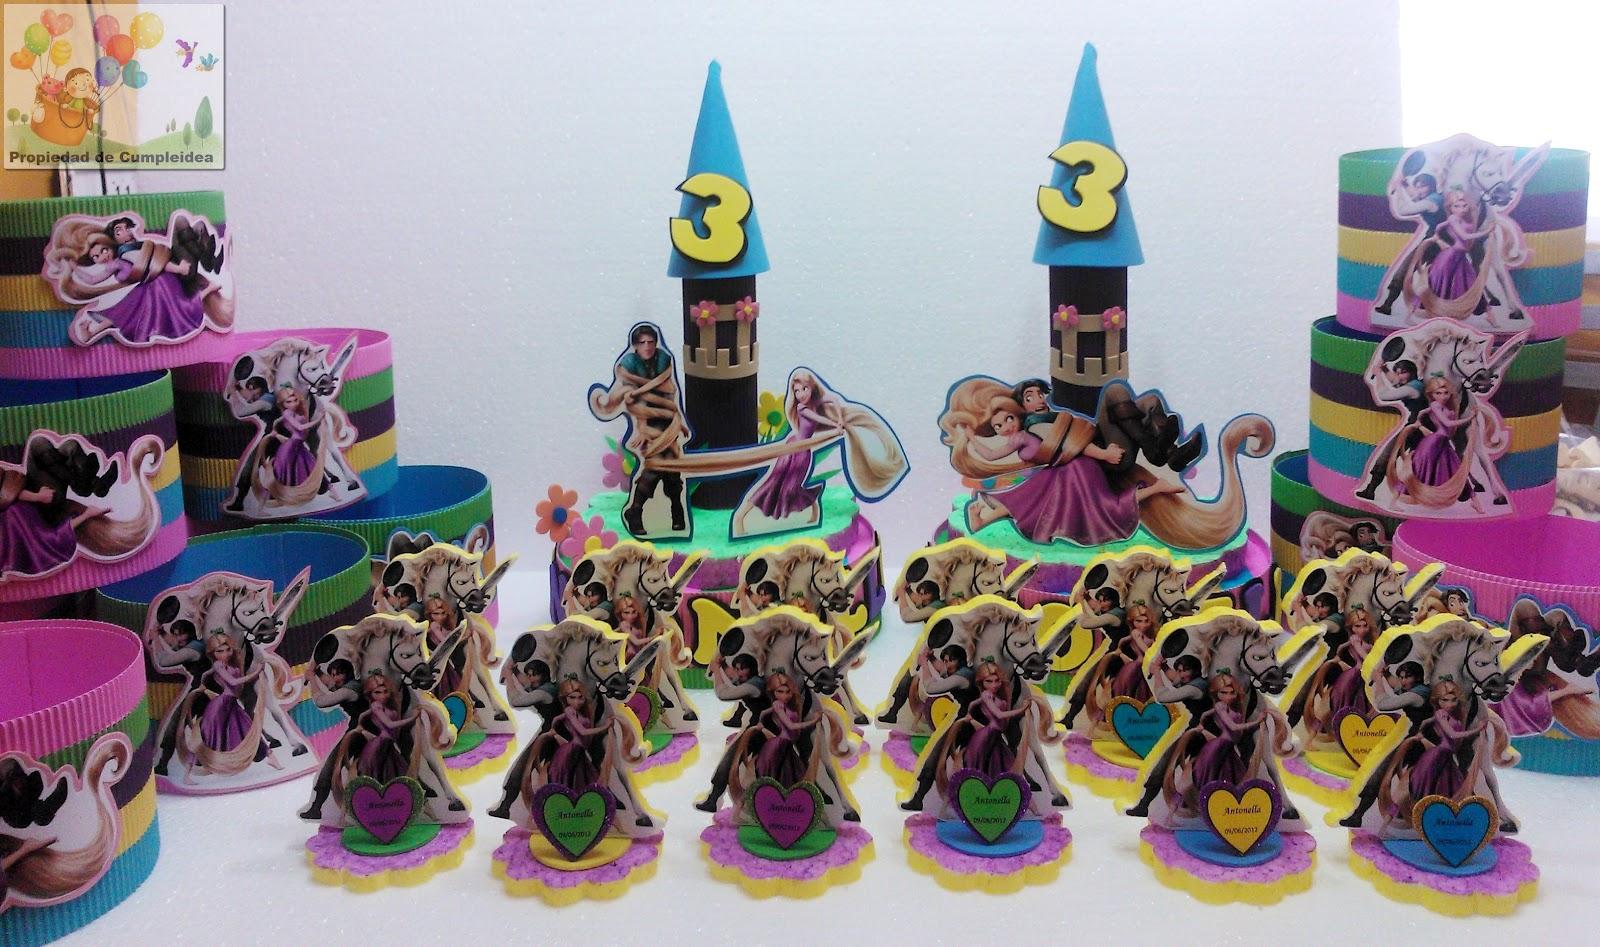 Decoracion Rapunzel Enredados ~ Decoracion Tortas Enredados Rapunzel Wallpapers Real Madrid Imagen Pic